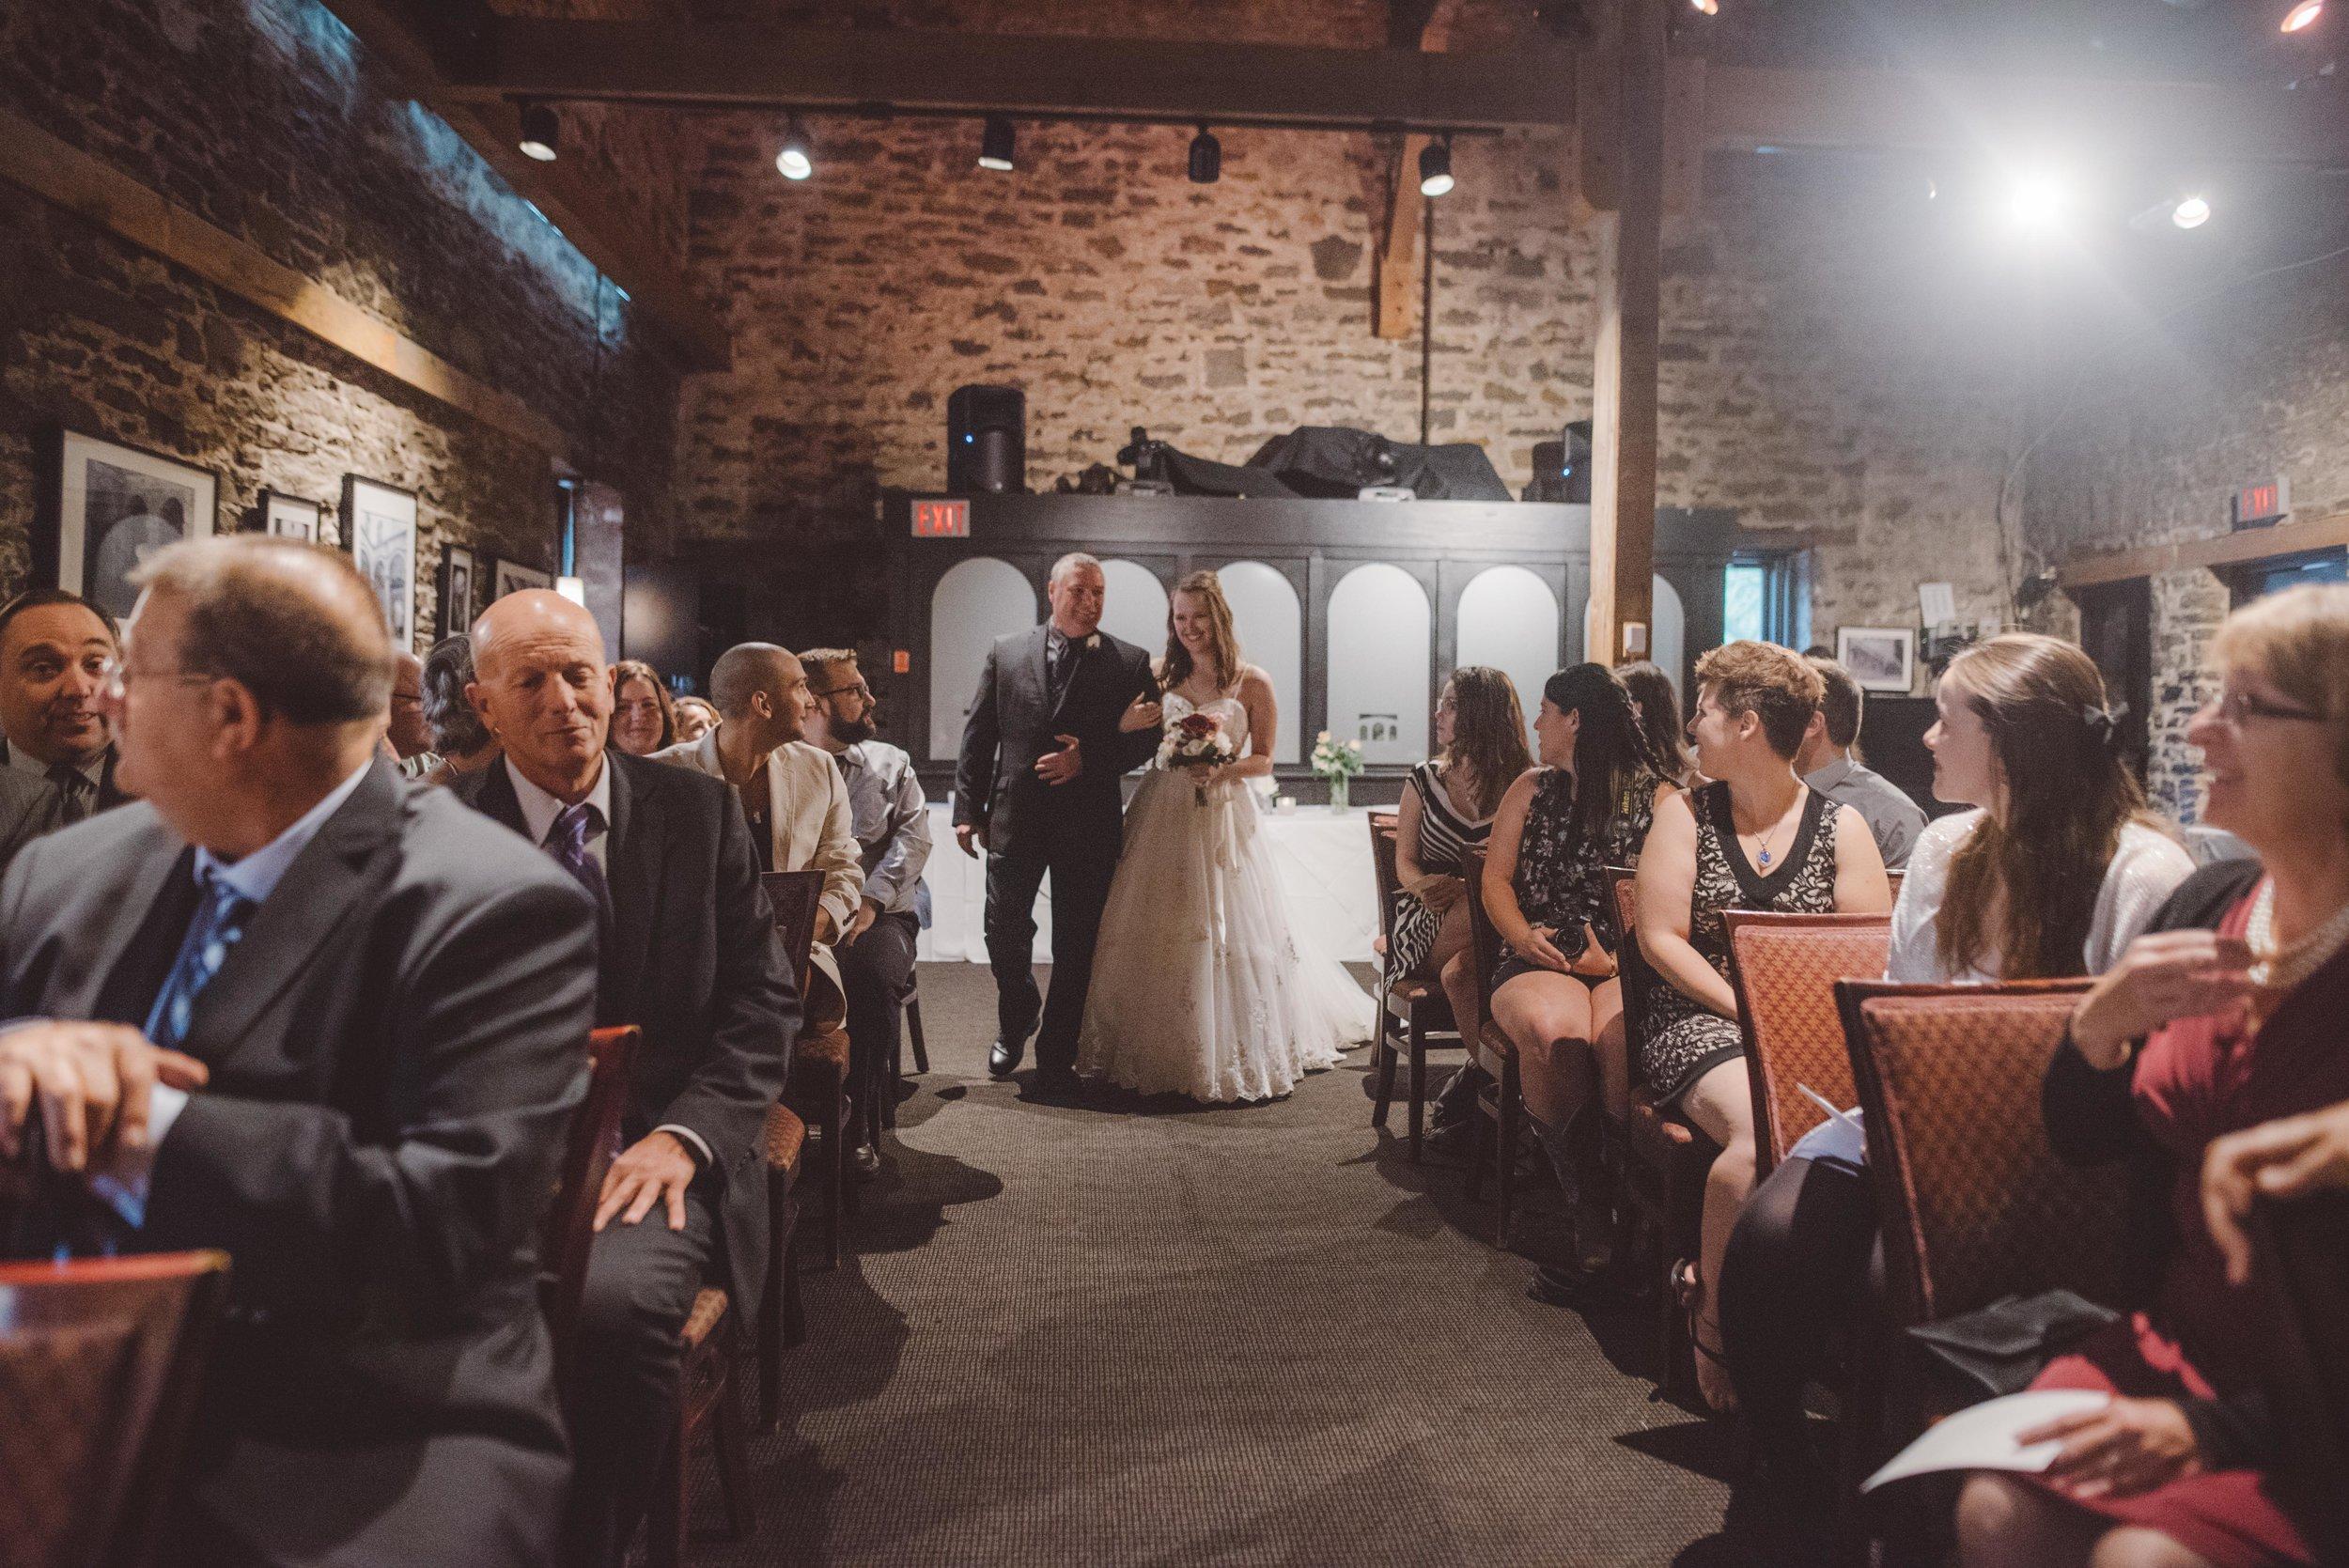 wedding_photographer_lifestyle_documentary_photographe_ottawa_gatineau-40.jpg